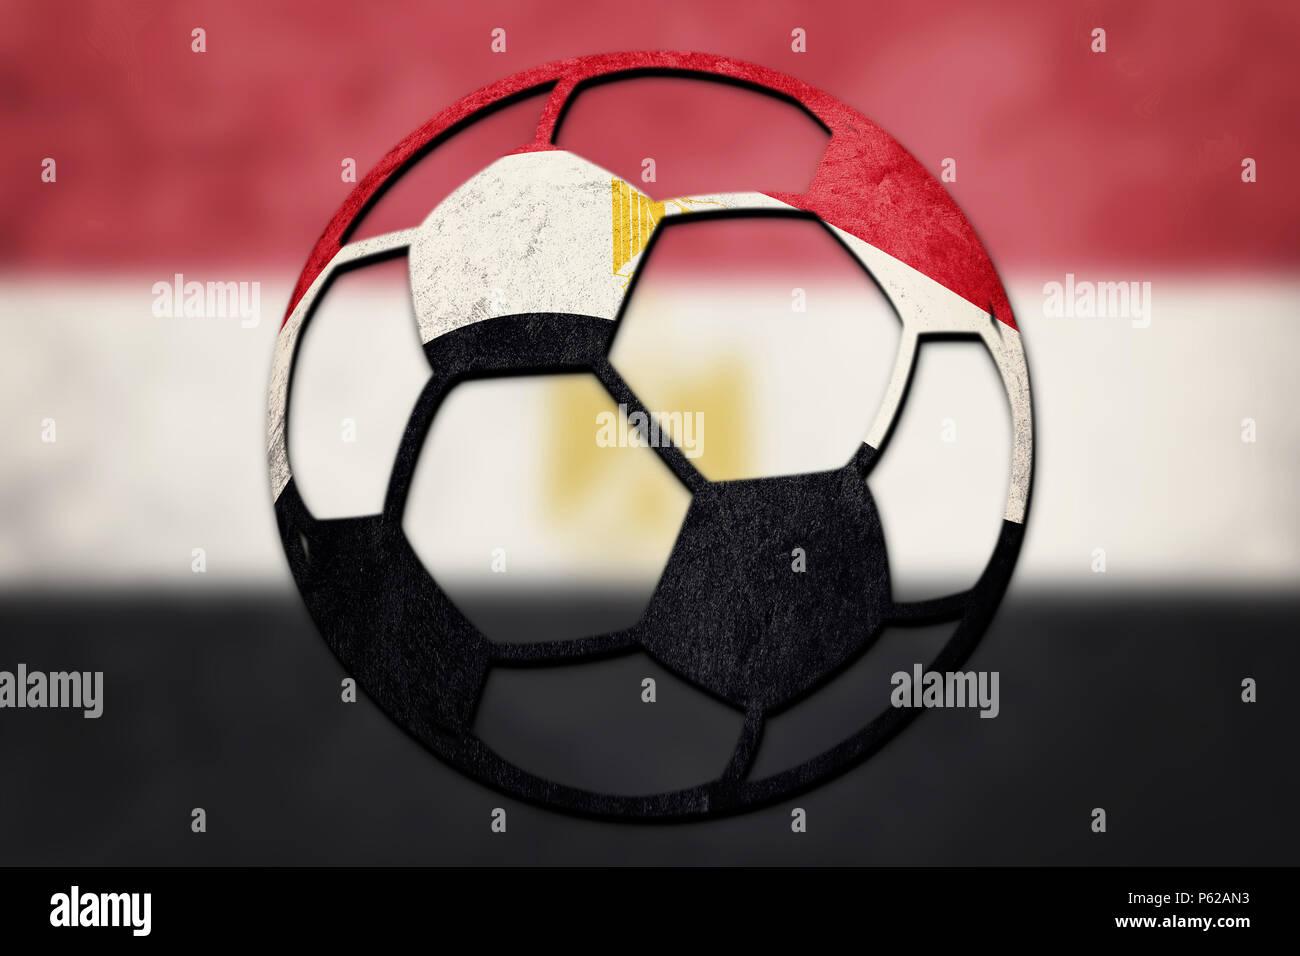 26266513a Egypt National Football Team Stock Photos & Egypt National Football ...